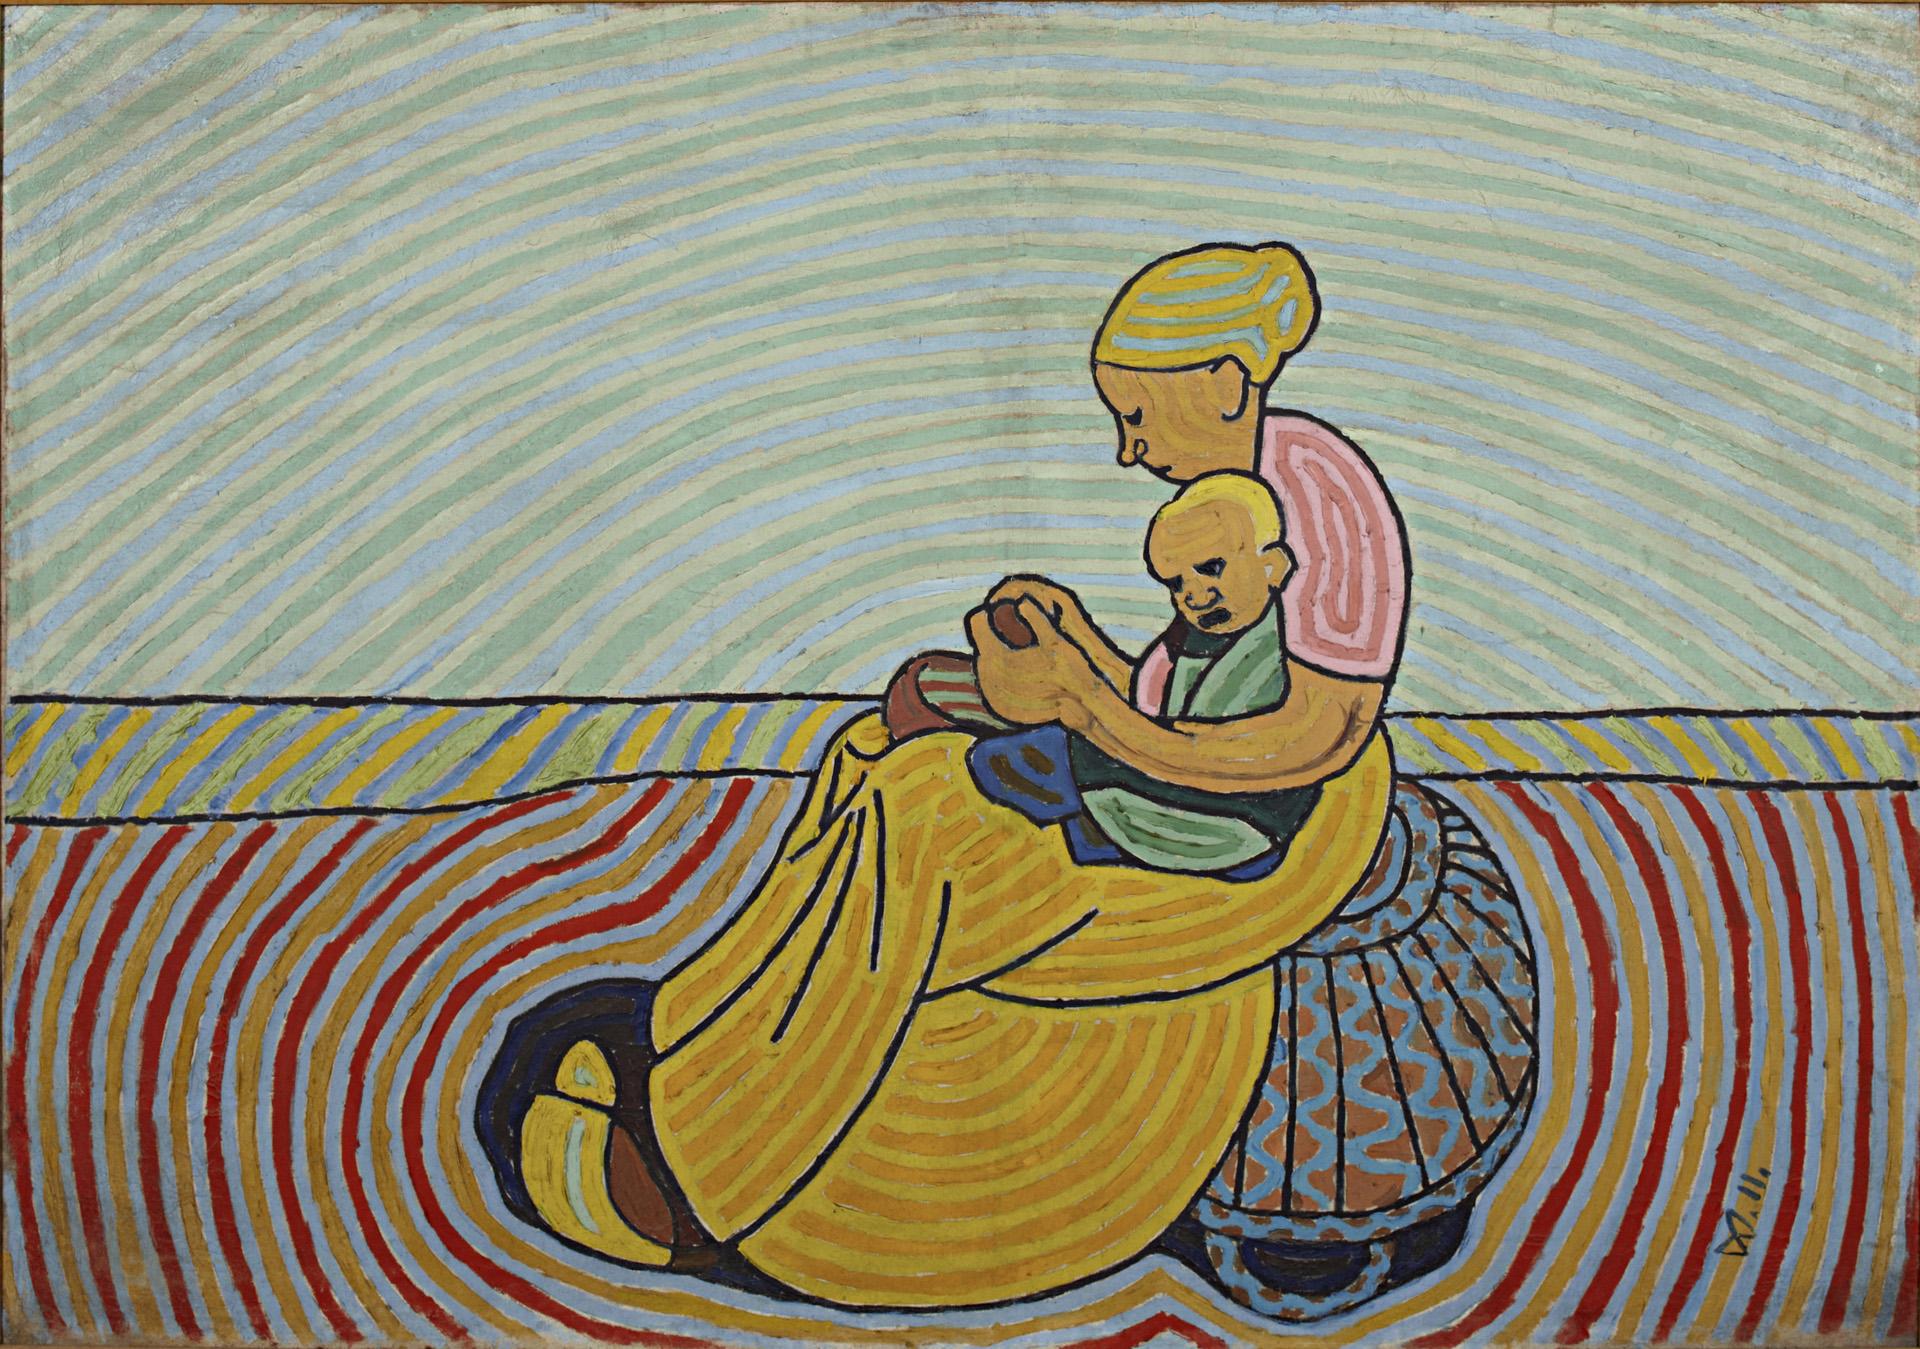 Wilhelm Morgner, Mutter mit Kind auf blauem Korb, 1911 Öl auf Leinwand, 135 x 192 cm Kunstmuseum Wilhelm-Morgner-Haus, Soest Foto: Thomas Drebusch